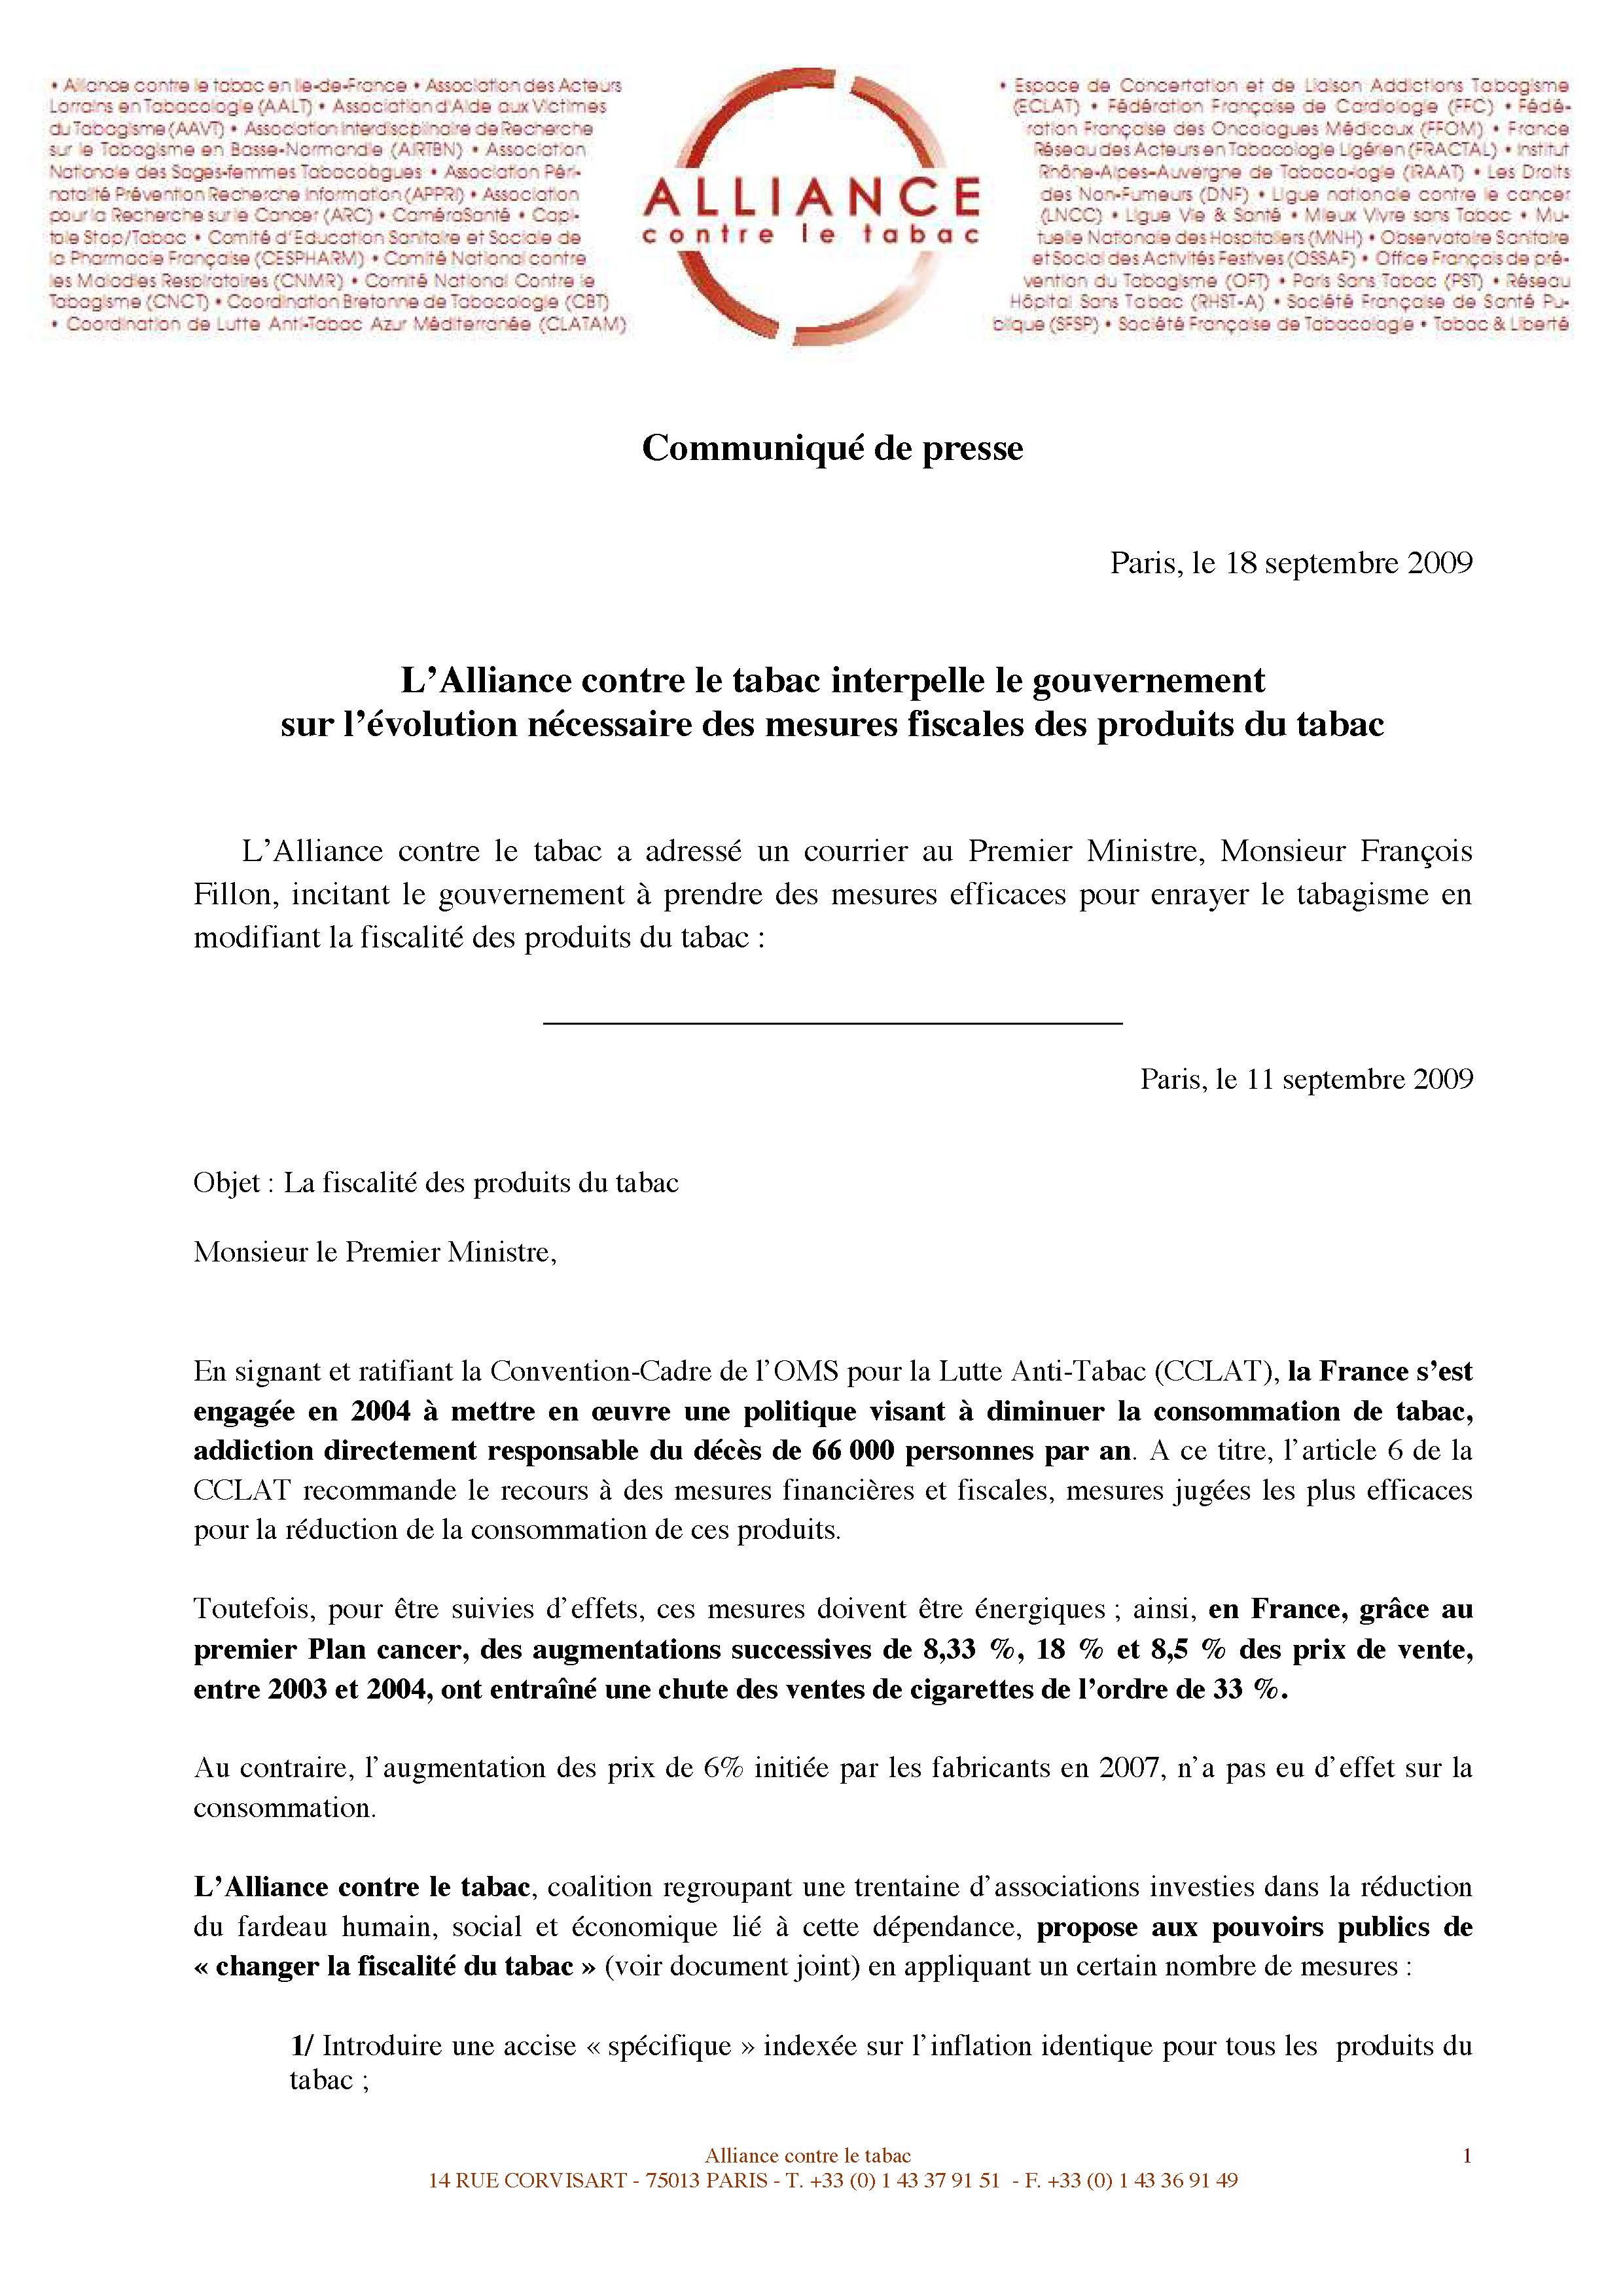 Alliance-CP_changer-la-fiscalite-des-produits-du-tabac-18sept2009_Page_1.jpg